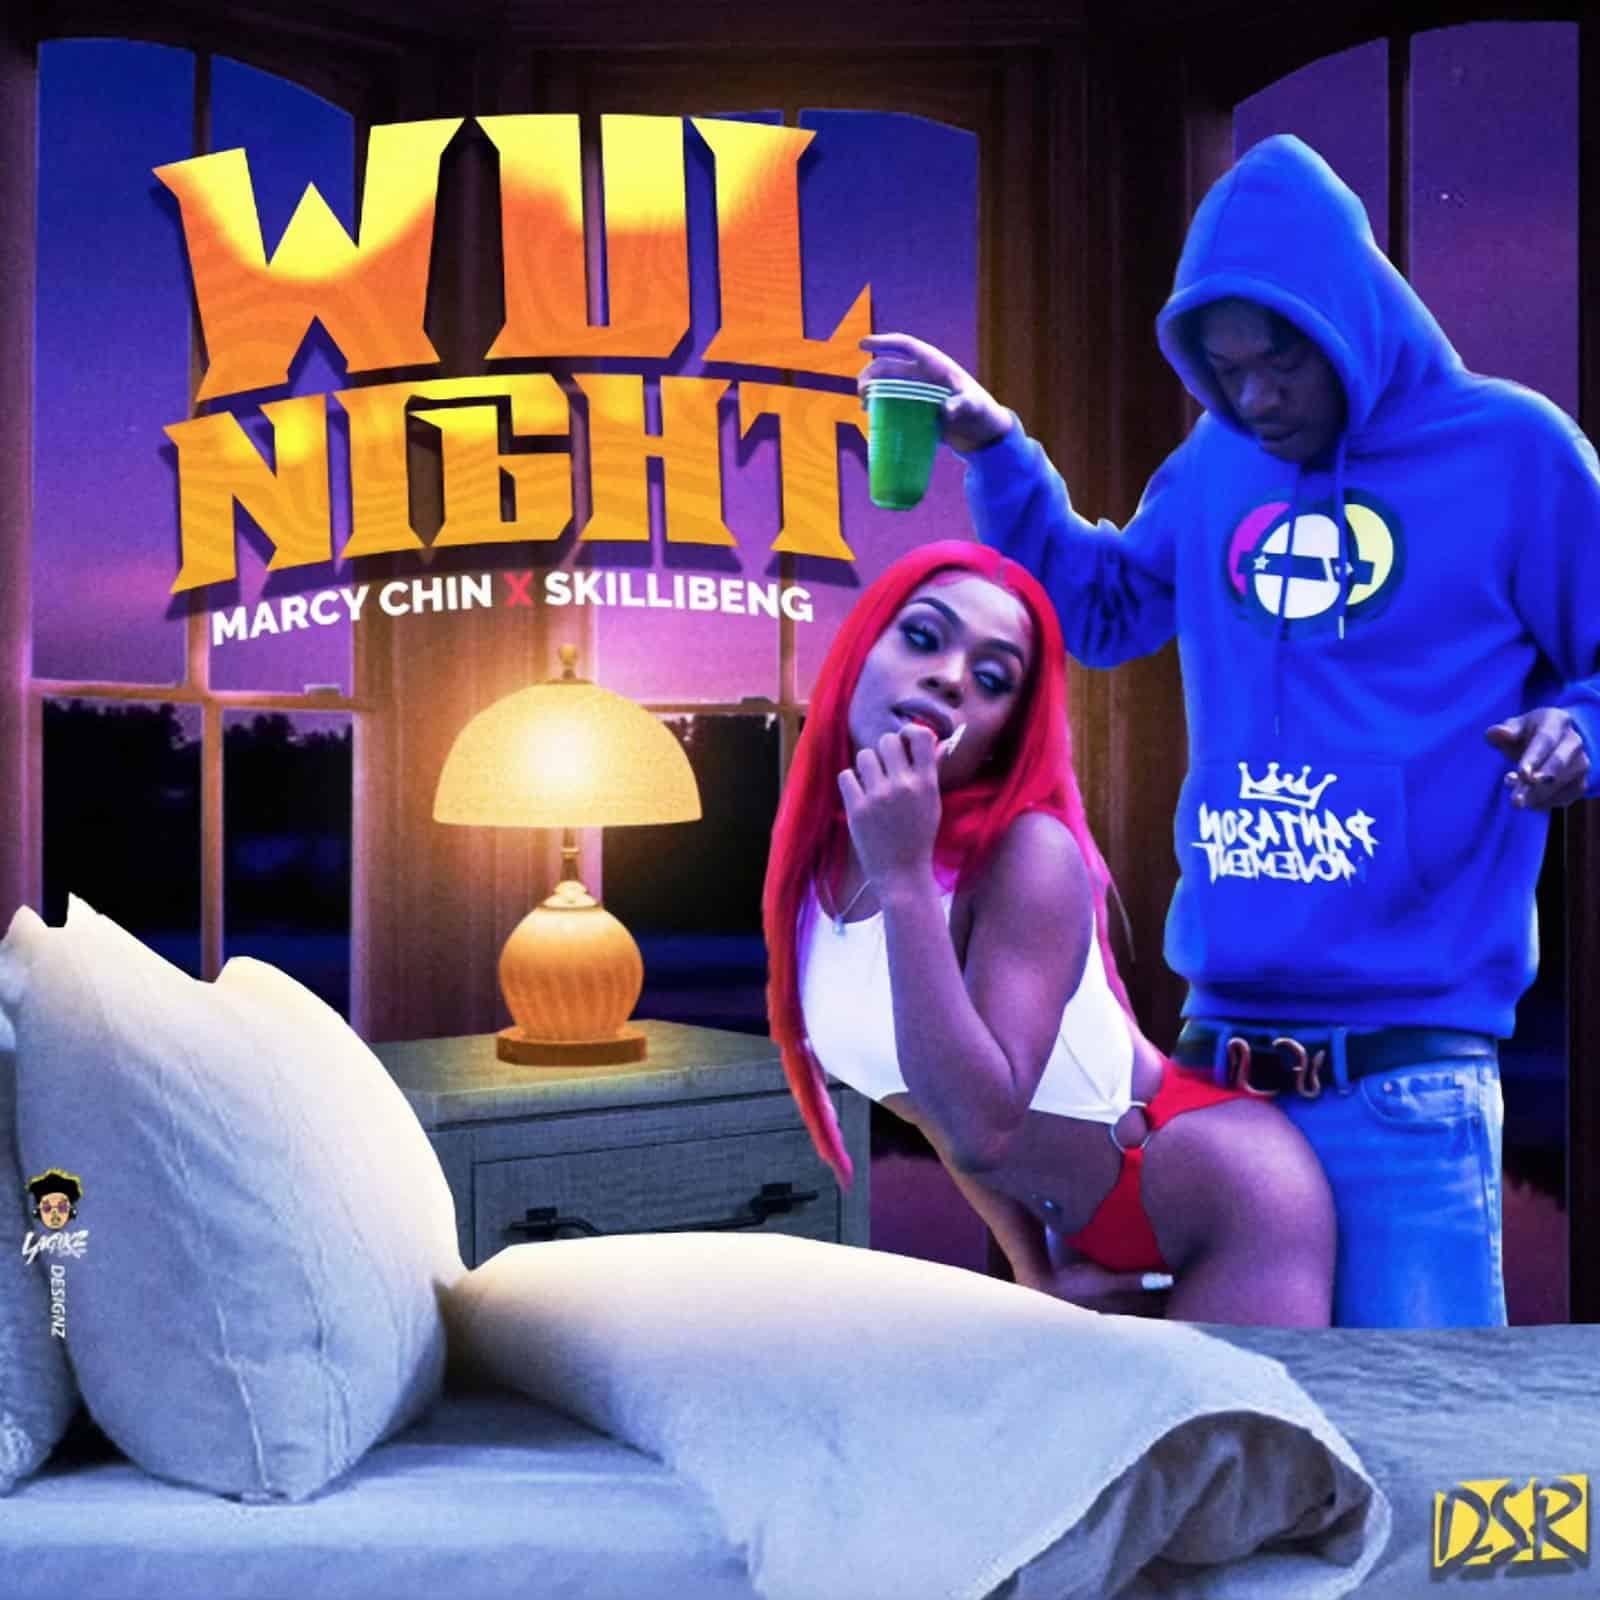 Marcy Chin & Skillibeng - Wul Night